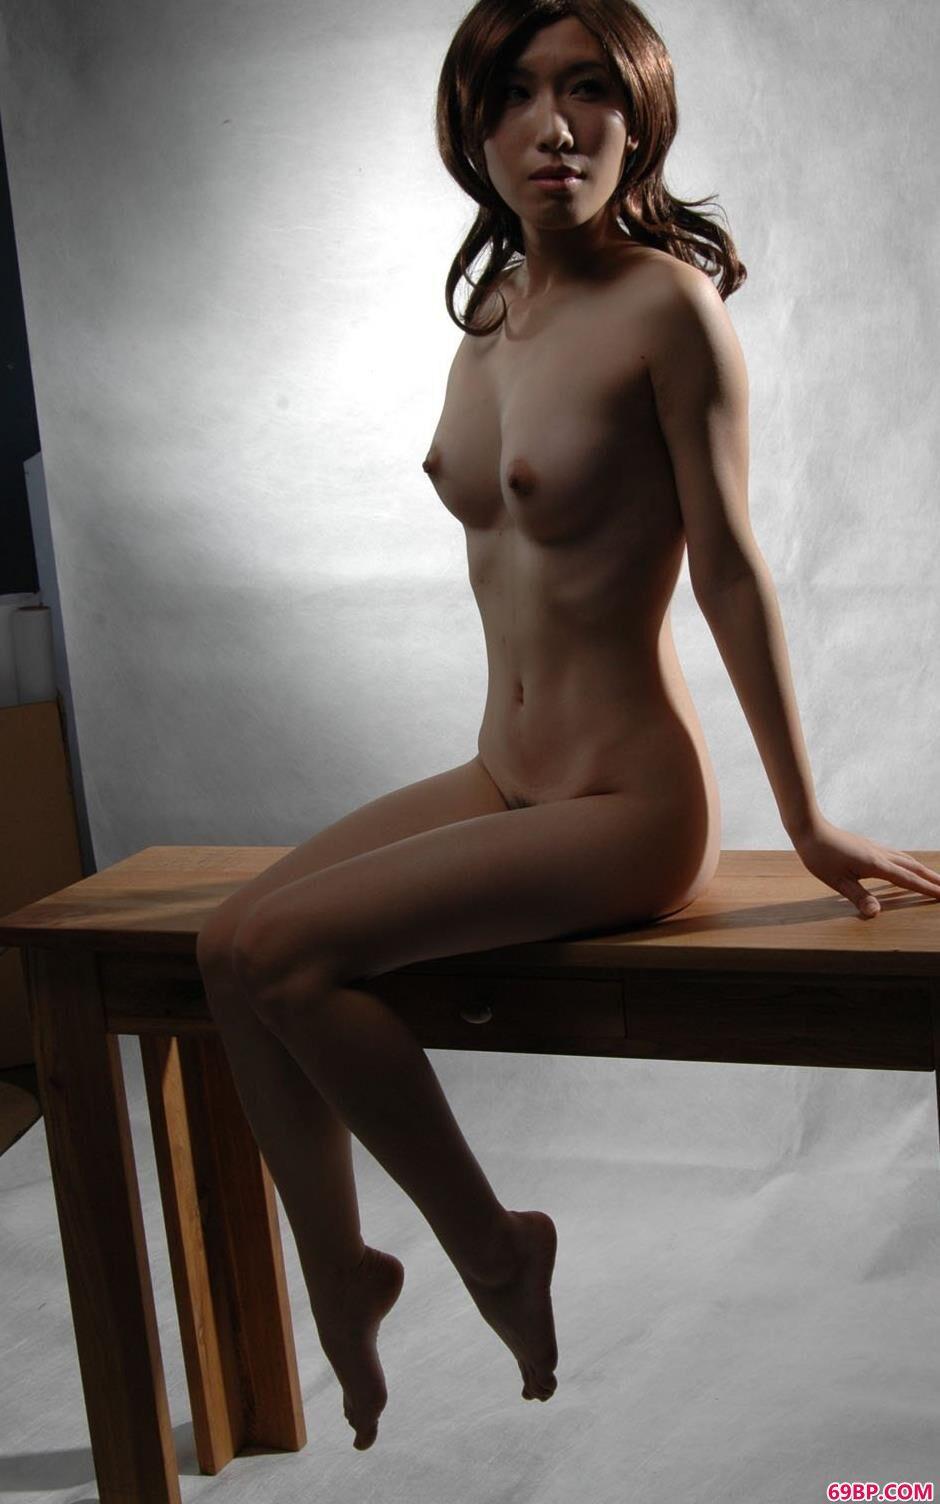 嫩模绵绵桌子上的诱人人体